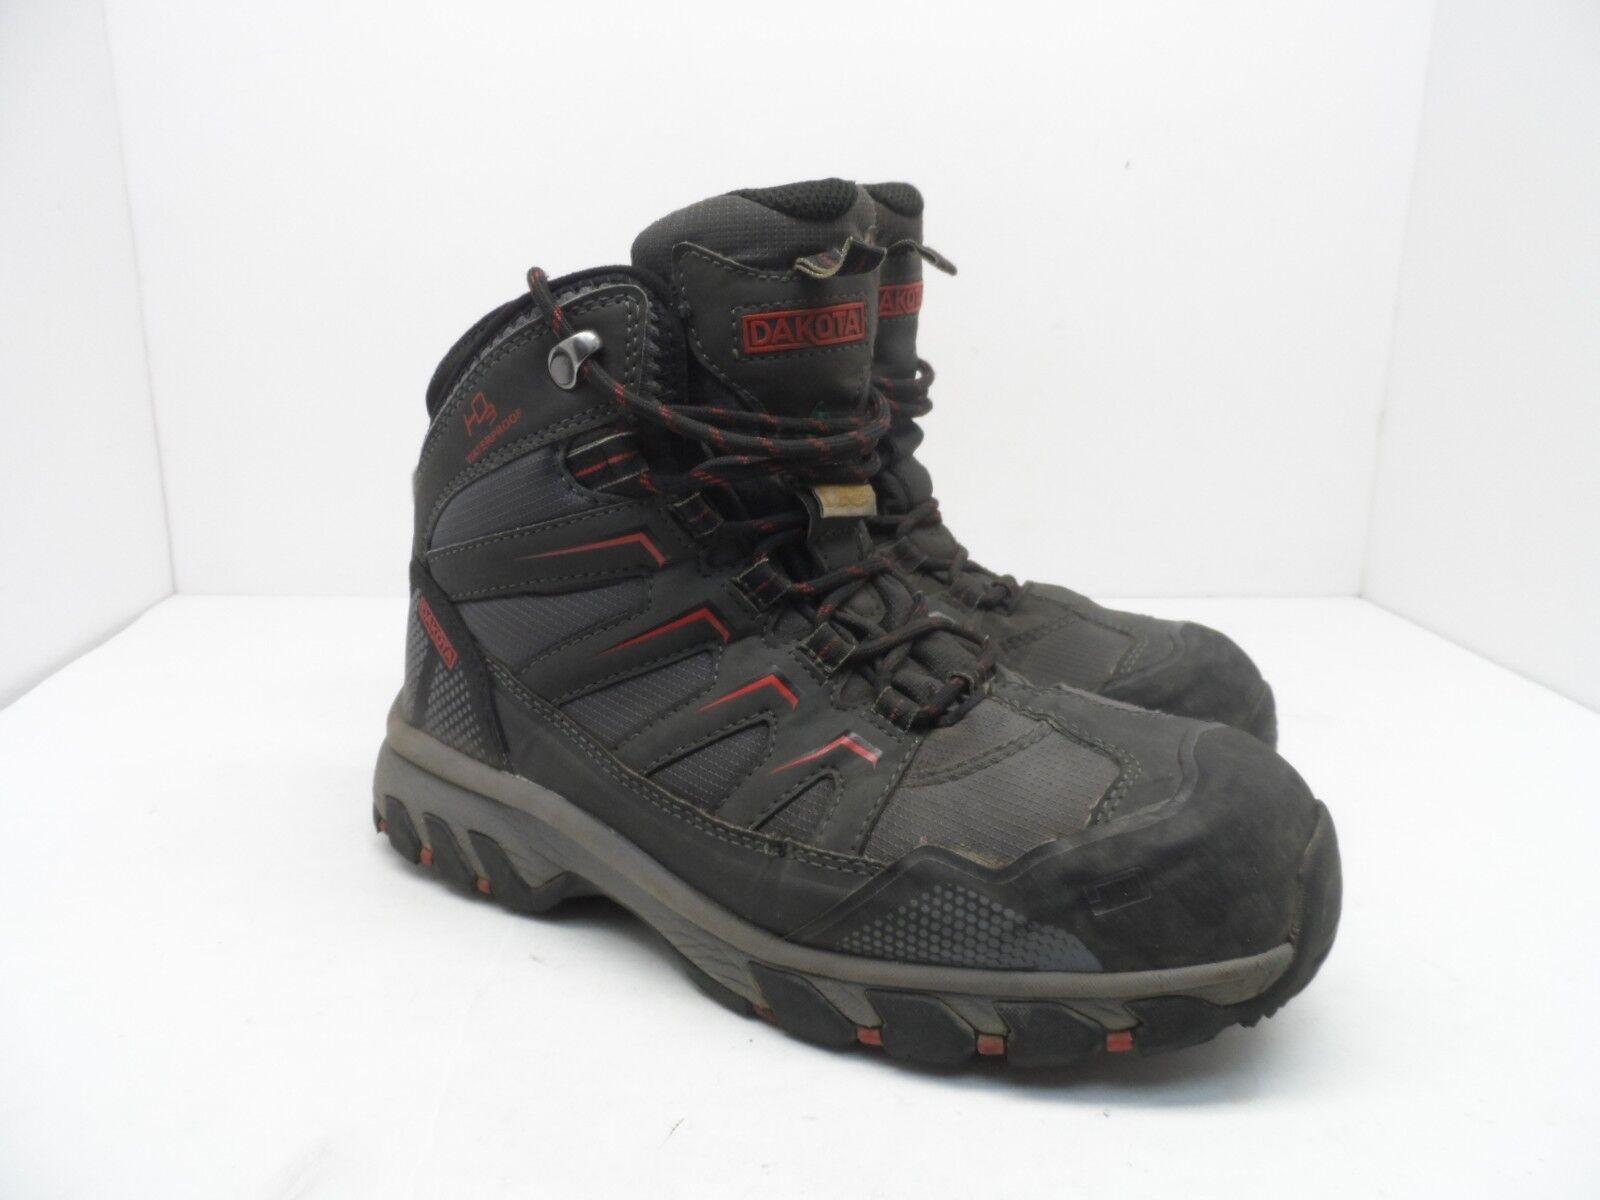 DAKOTA Men's Steel Toe Steel Plate Waterproof Mid Cut Safety Hiking Boots 7EE